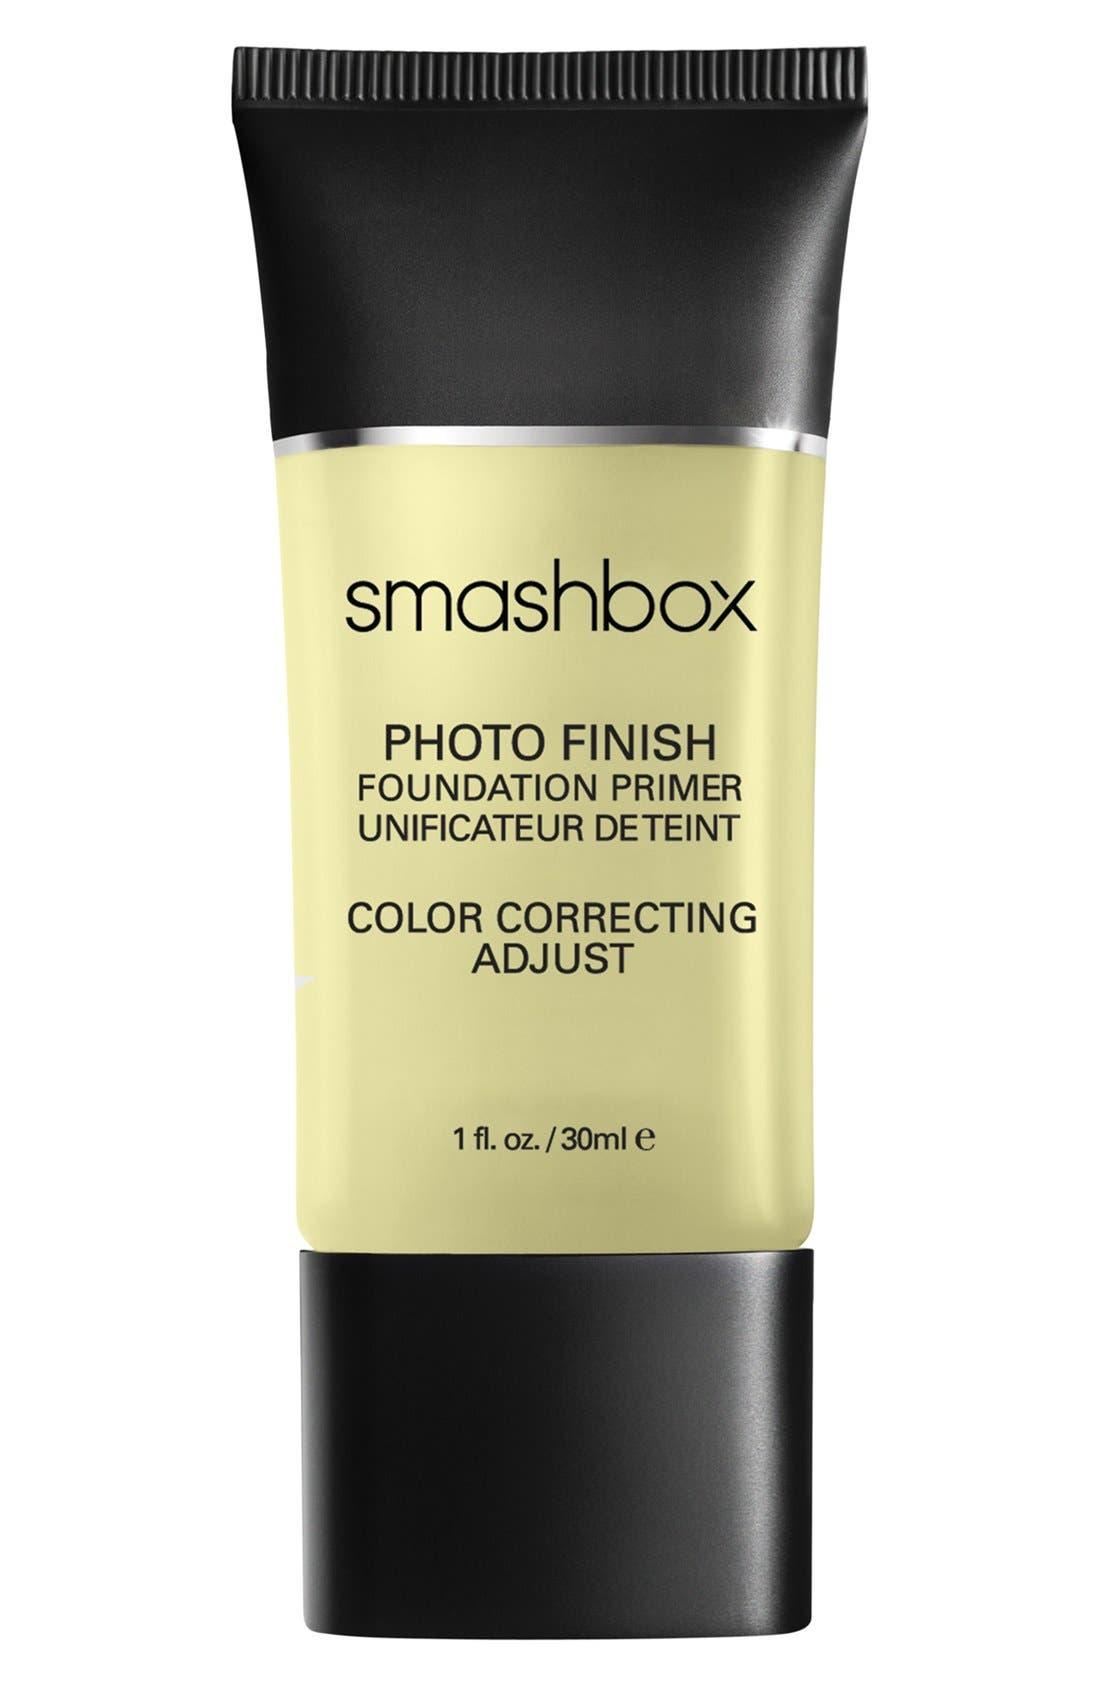 Smashbox Photo Finish Adjust Color Correcting Foundation Primer